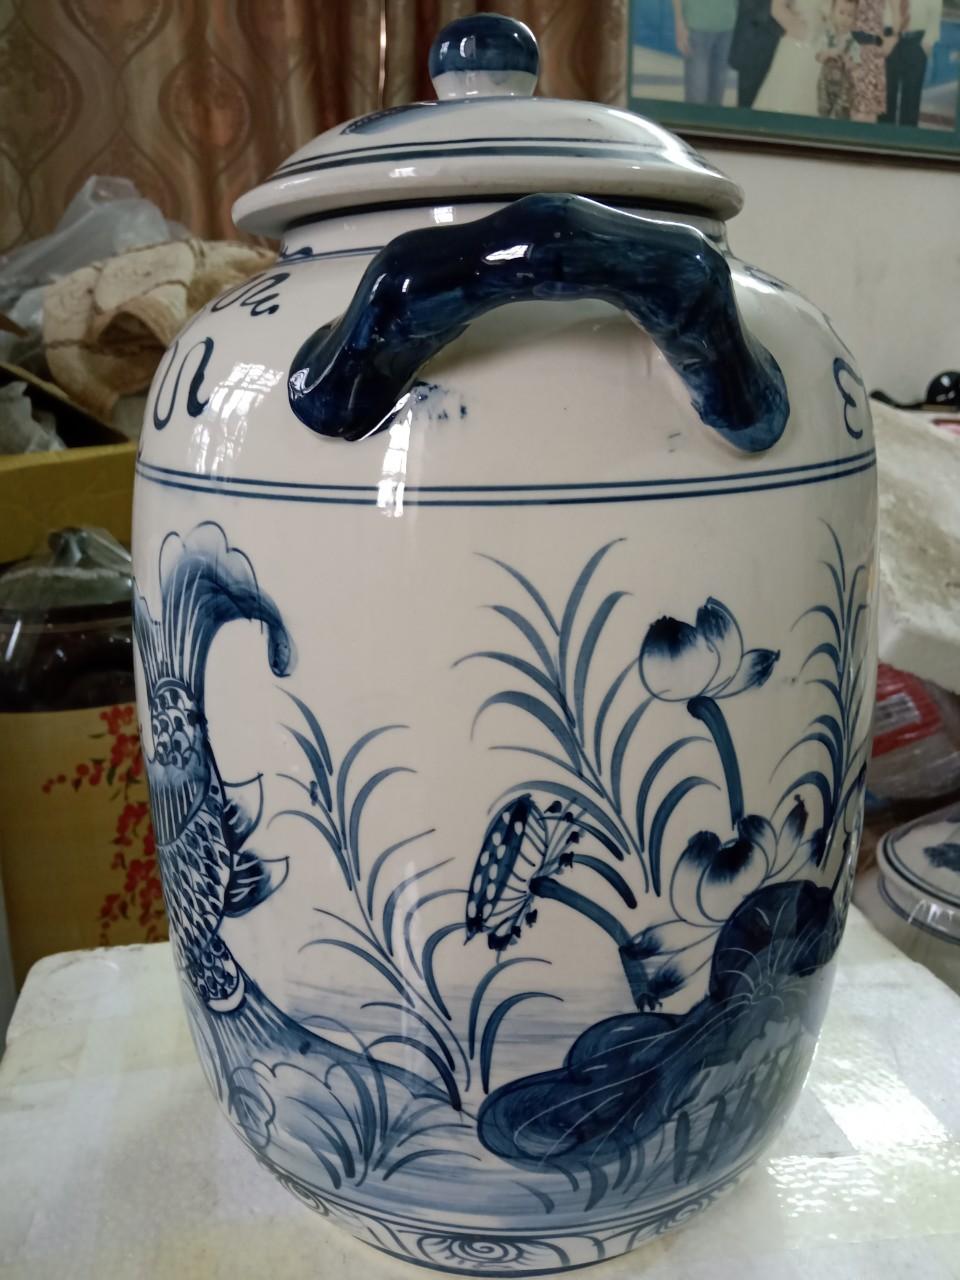 Hũ đựng rượu gạo gốm sứ Bát Tràng vẽ cá chép loại 20L